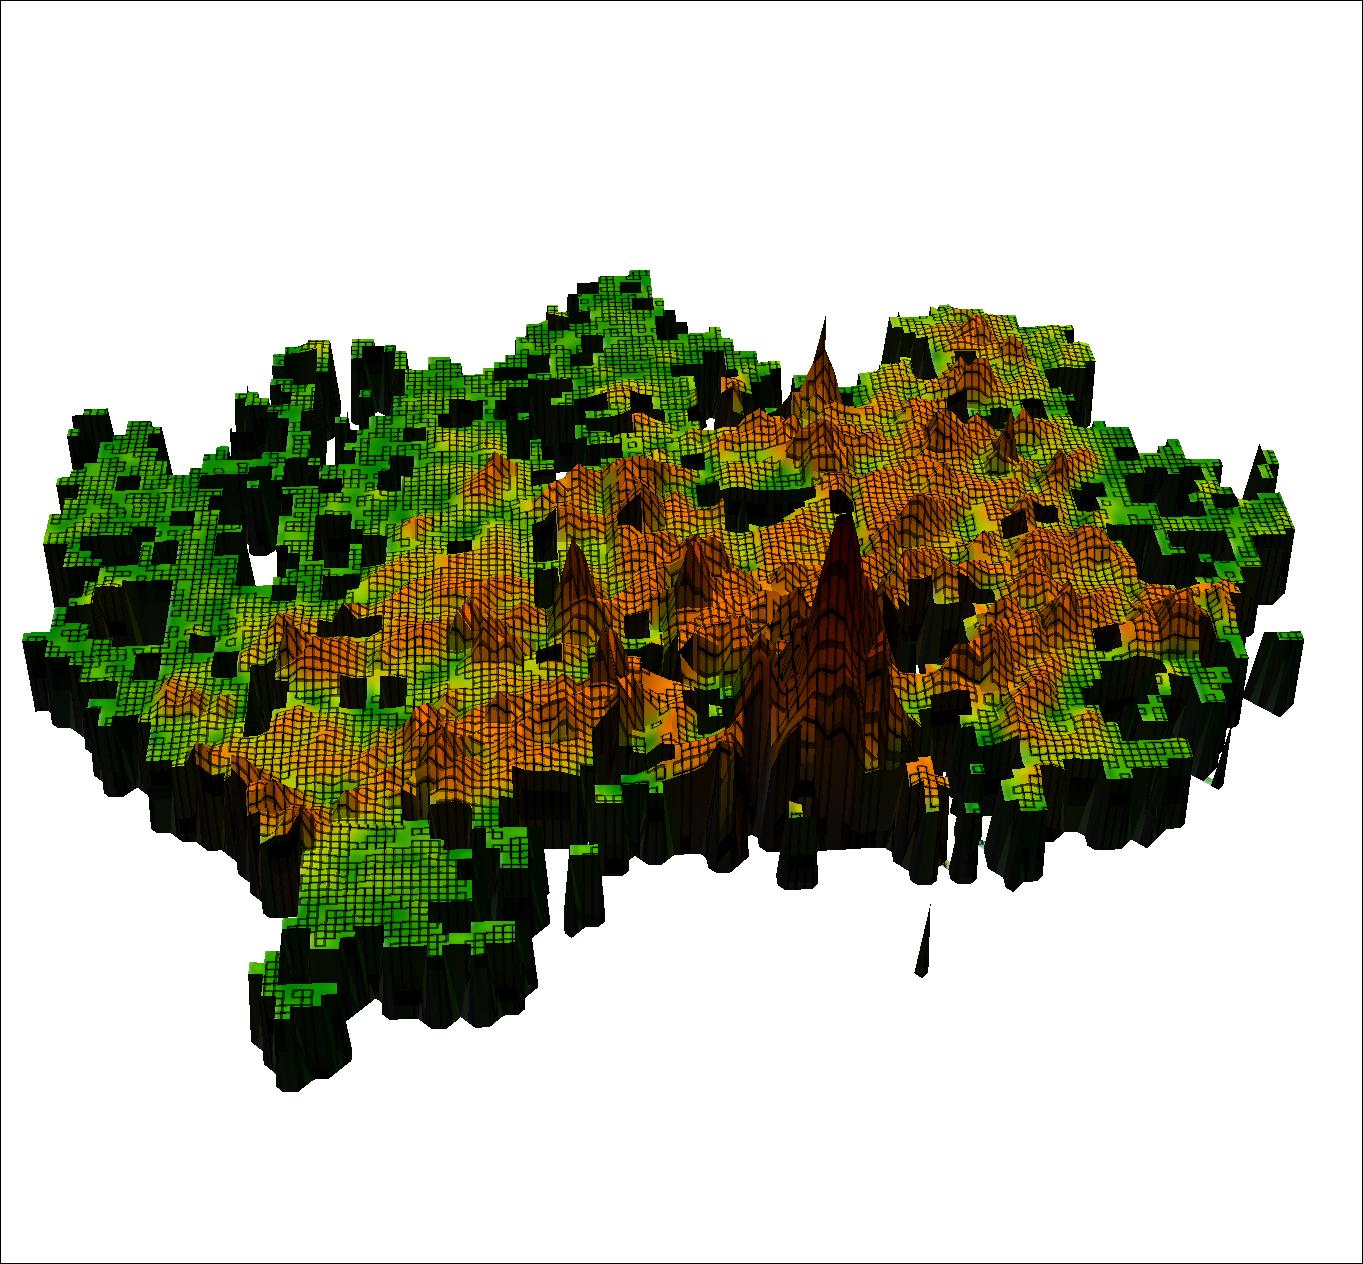 Kuva 4. Pk-seudun aluetehokkuus 250 m ruutukoolla muutettuna 3D-muotoon. (Lähde: HSY rakennustietoruudukko 2013)